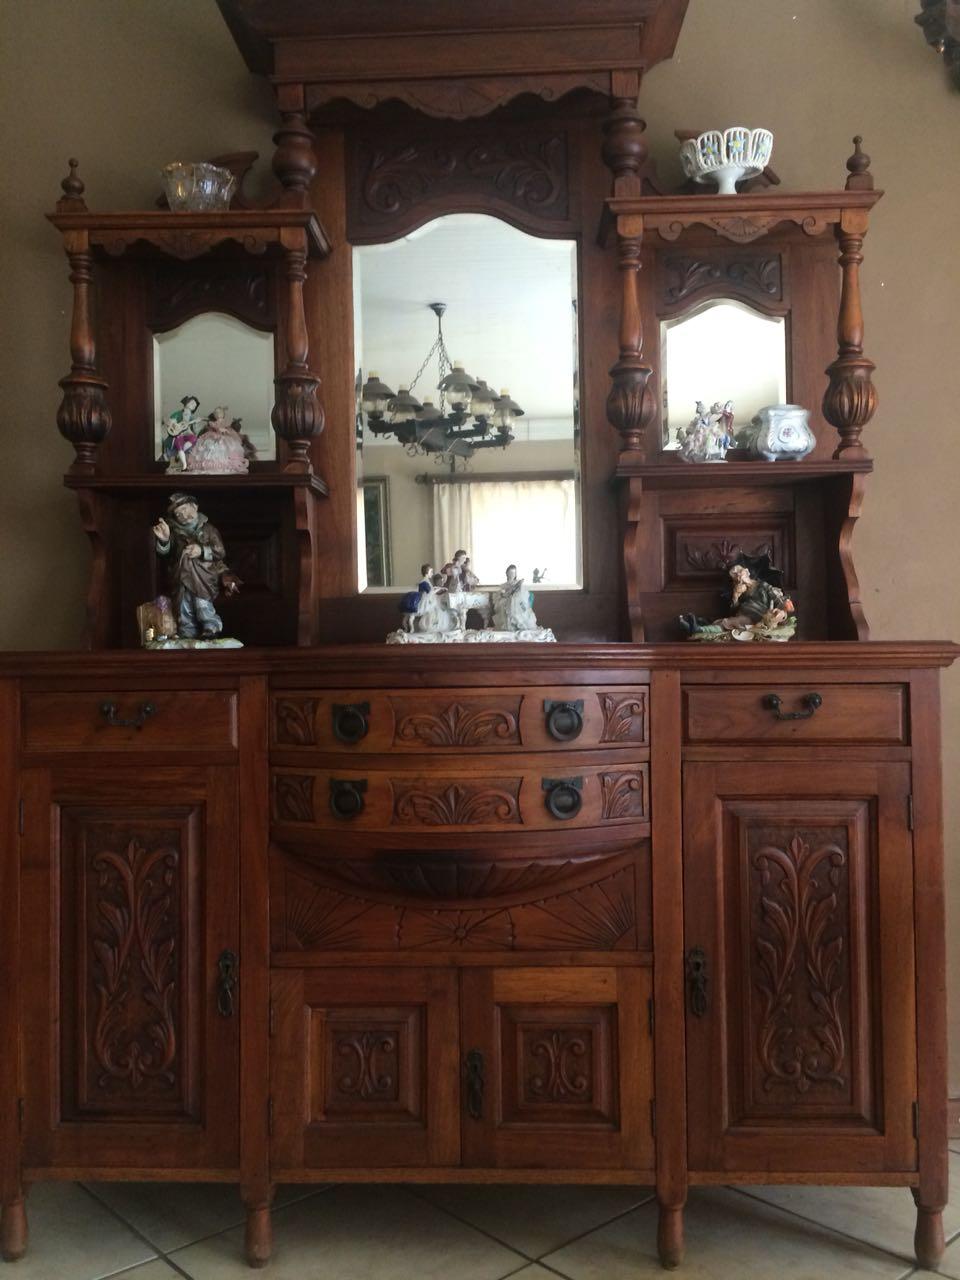 A Genuine Antique Oak Display Cabinet - A Genuine Antique Oak Display Cabinet Junk Mail